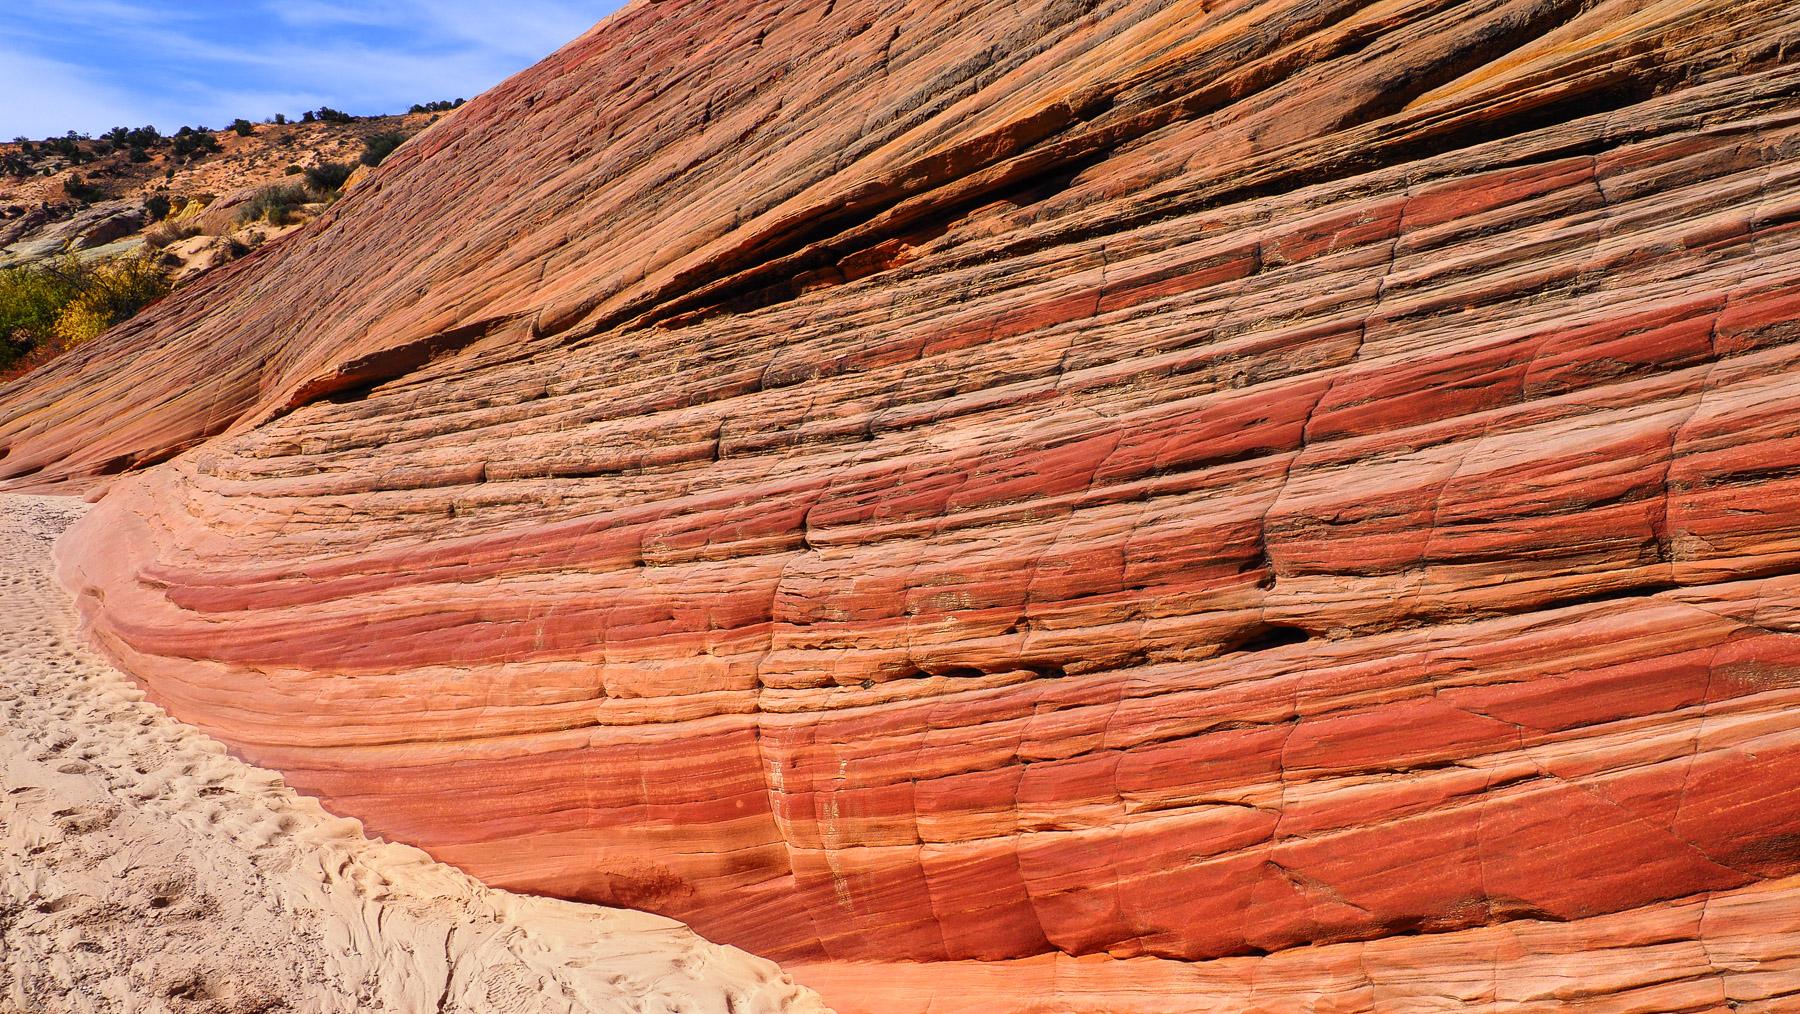 Die Farben und Felsstrukturen in diesem kleinen Canyon sind unglaublich